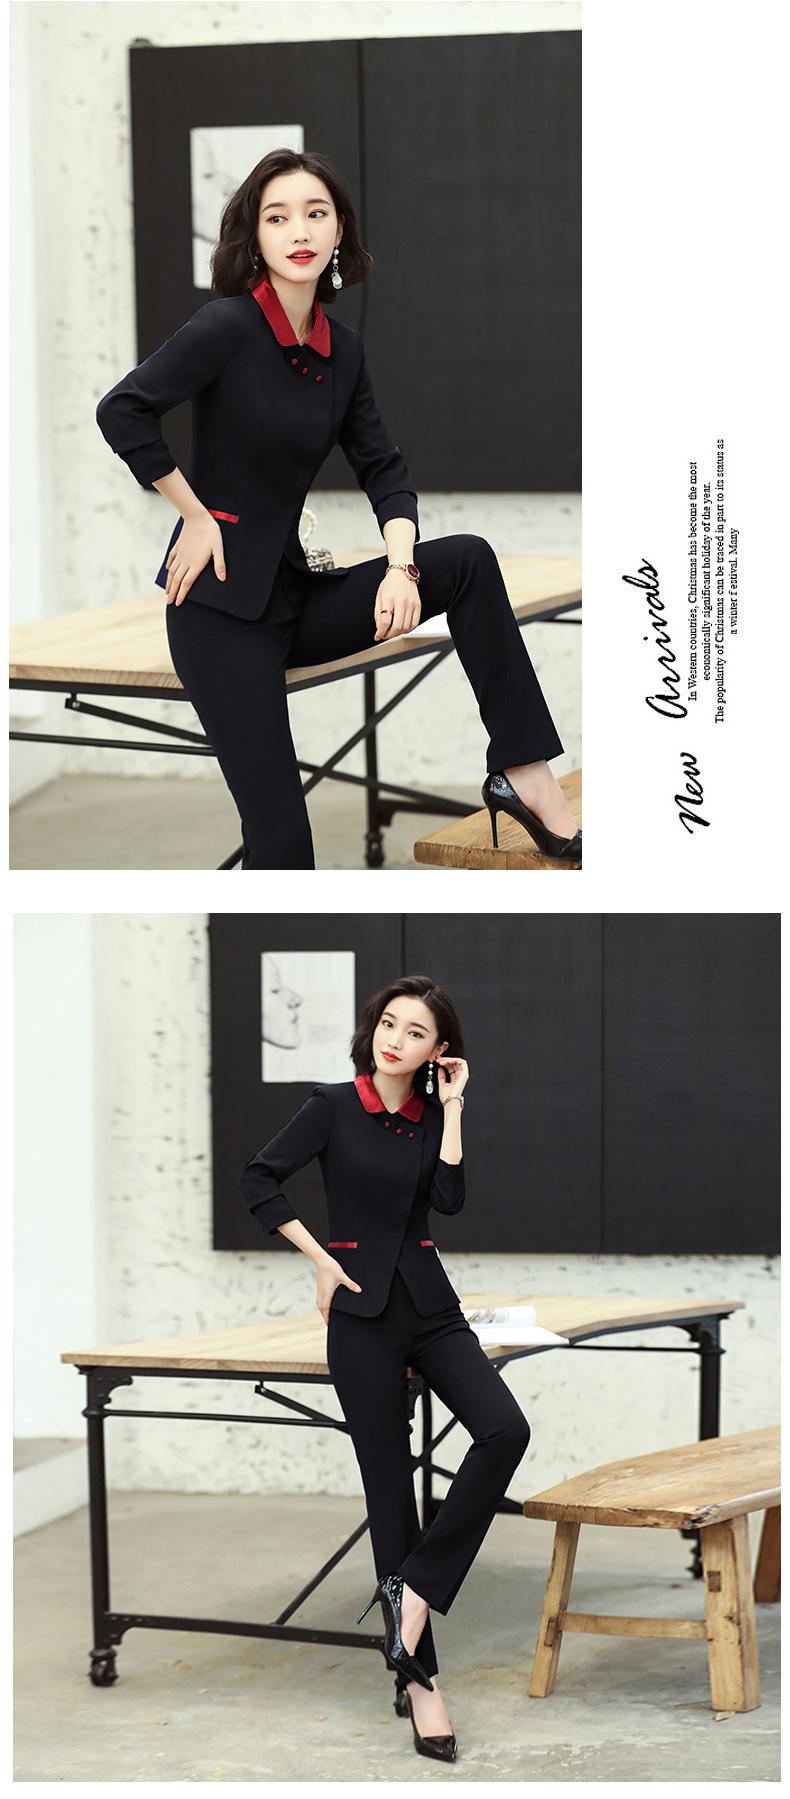 黑色小西装外套女韩版2020新款春秋季职业套装长袖薄款休闲工作服